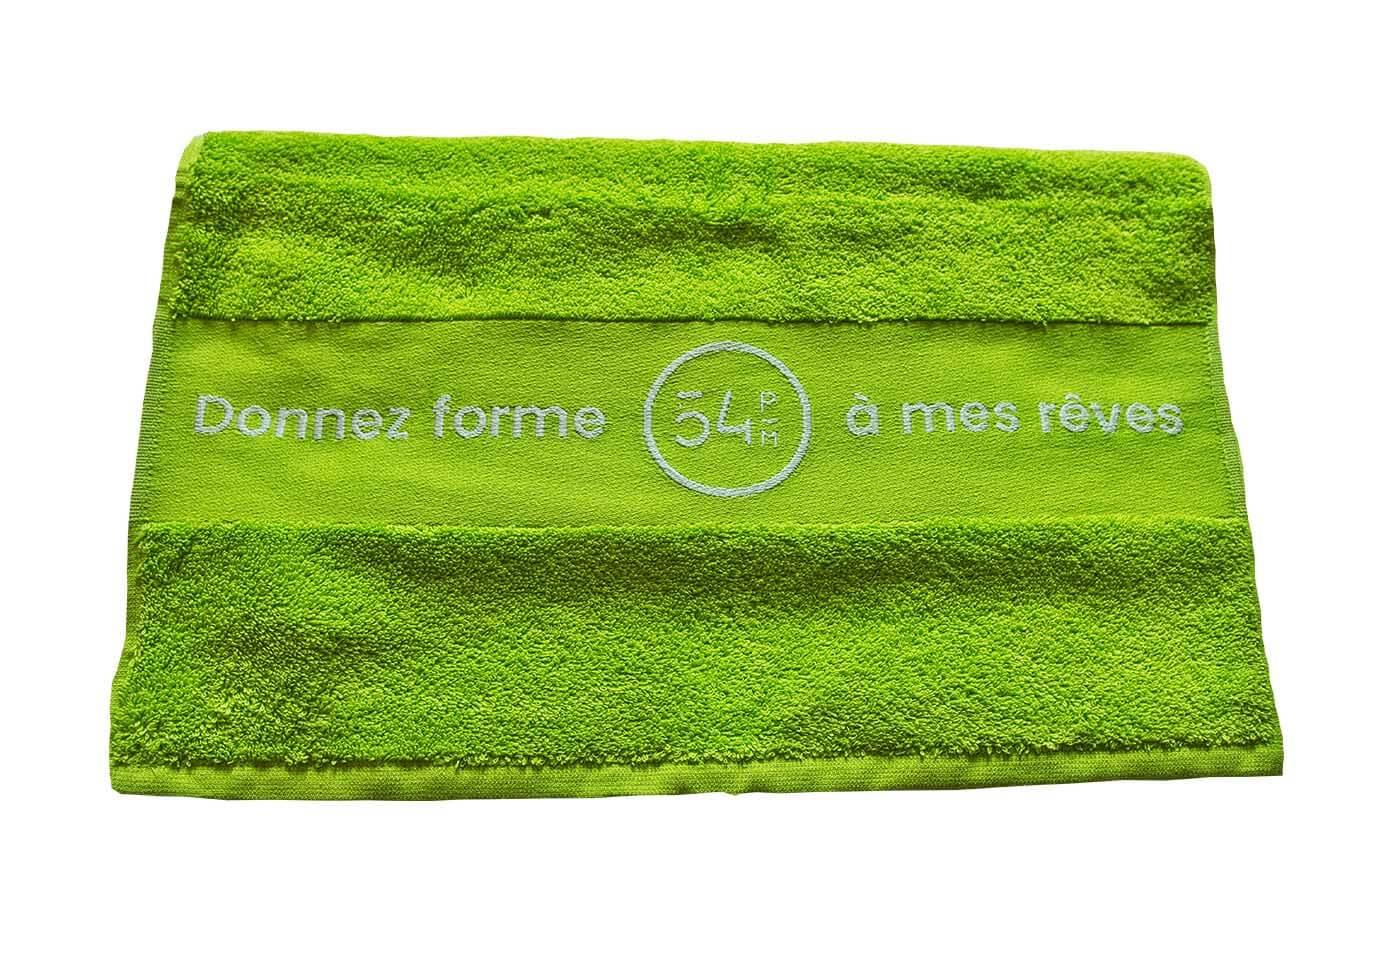 Une serviette en coton 54PM au prix de 11,90€TTC.